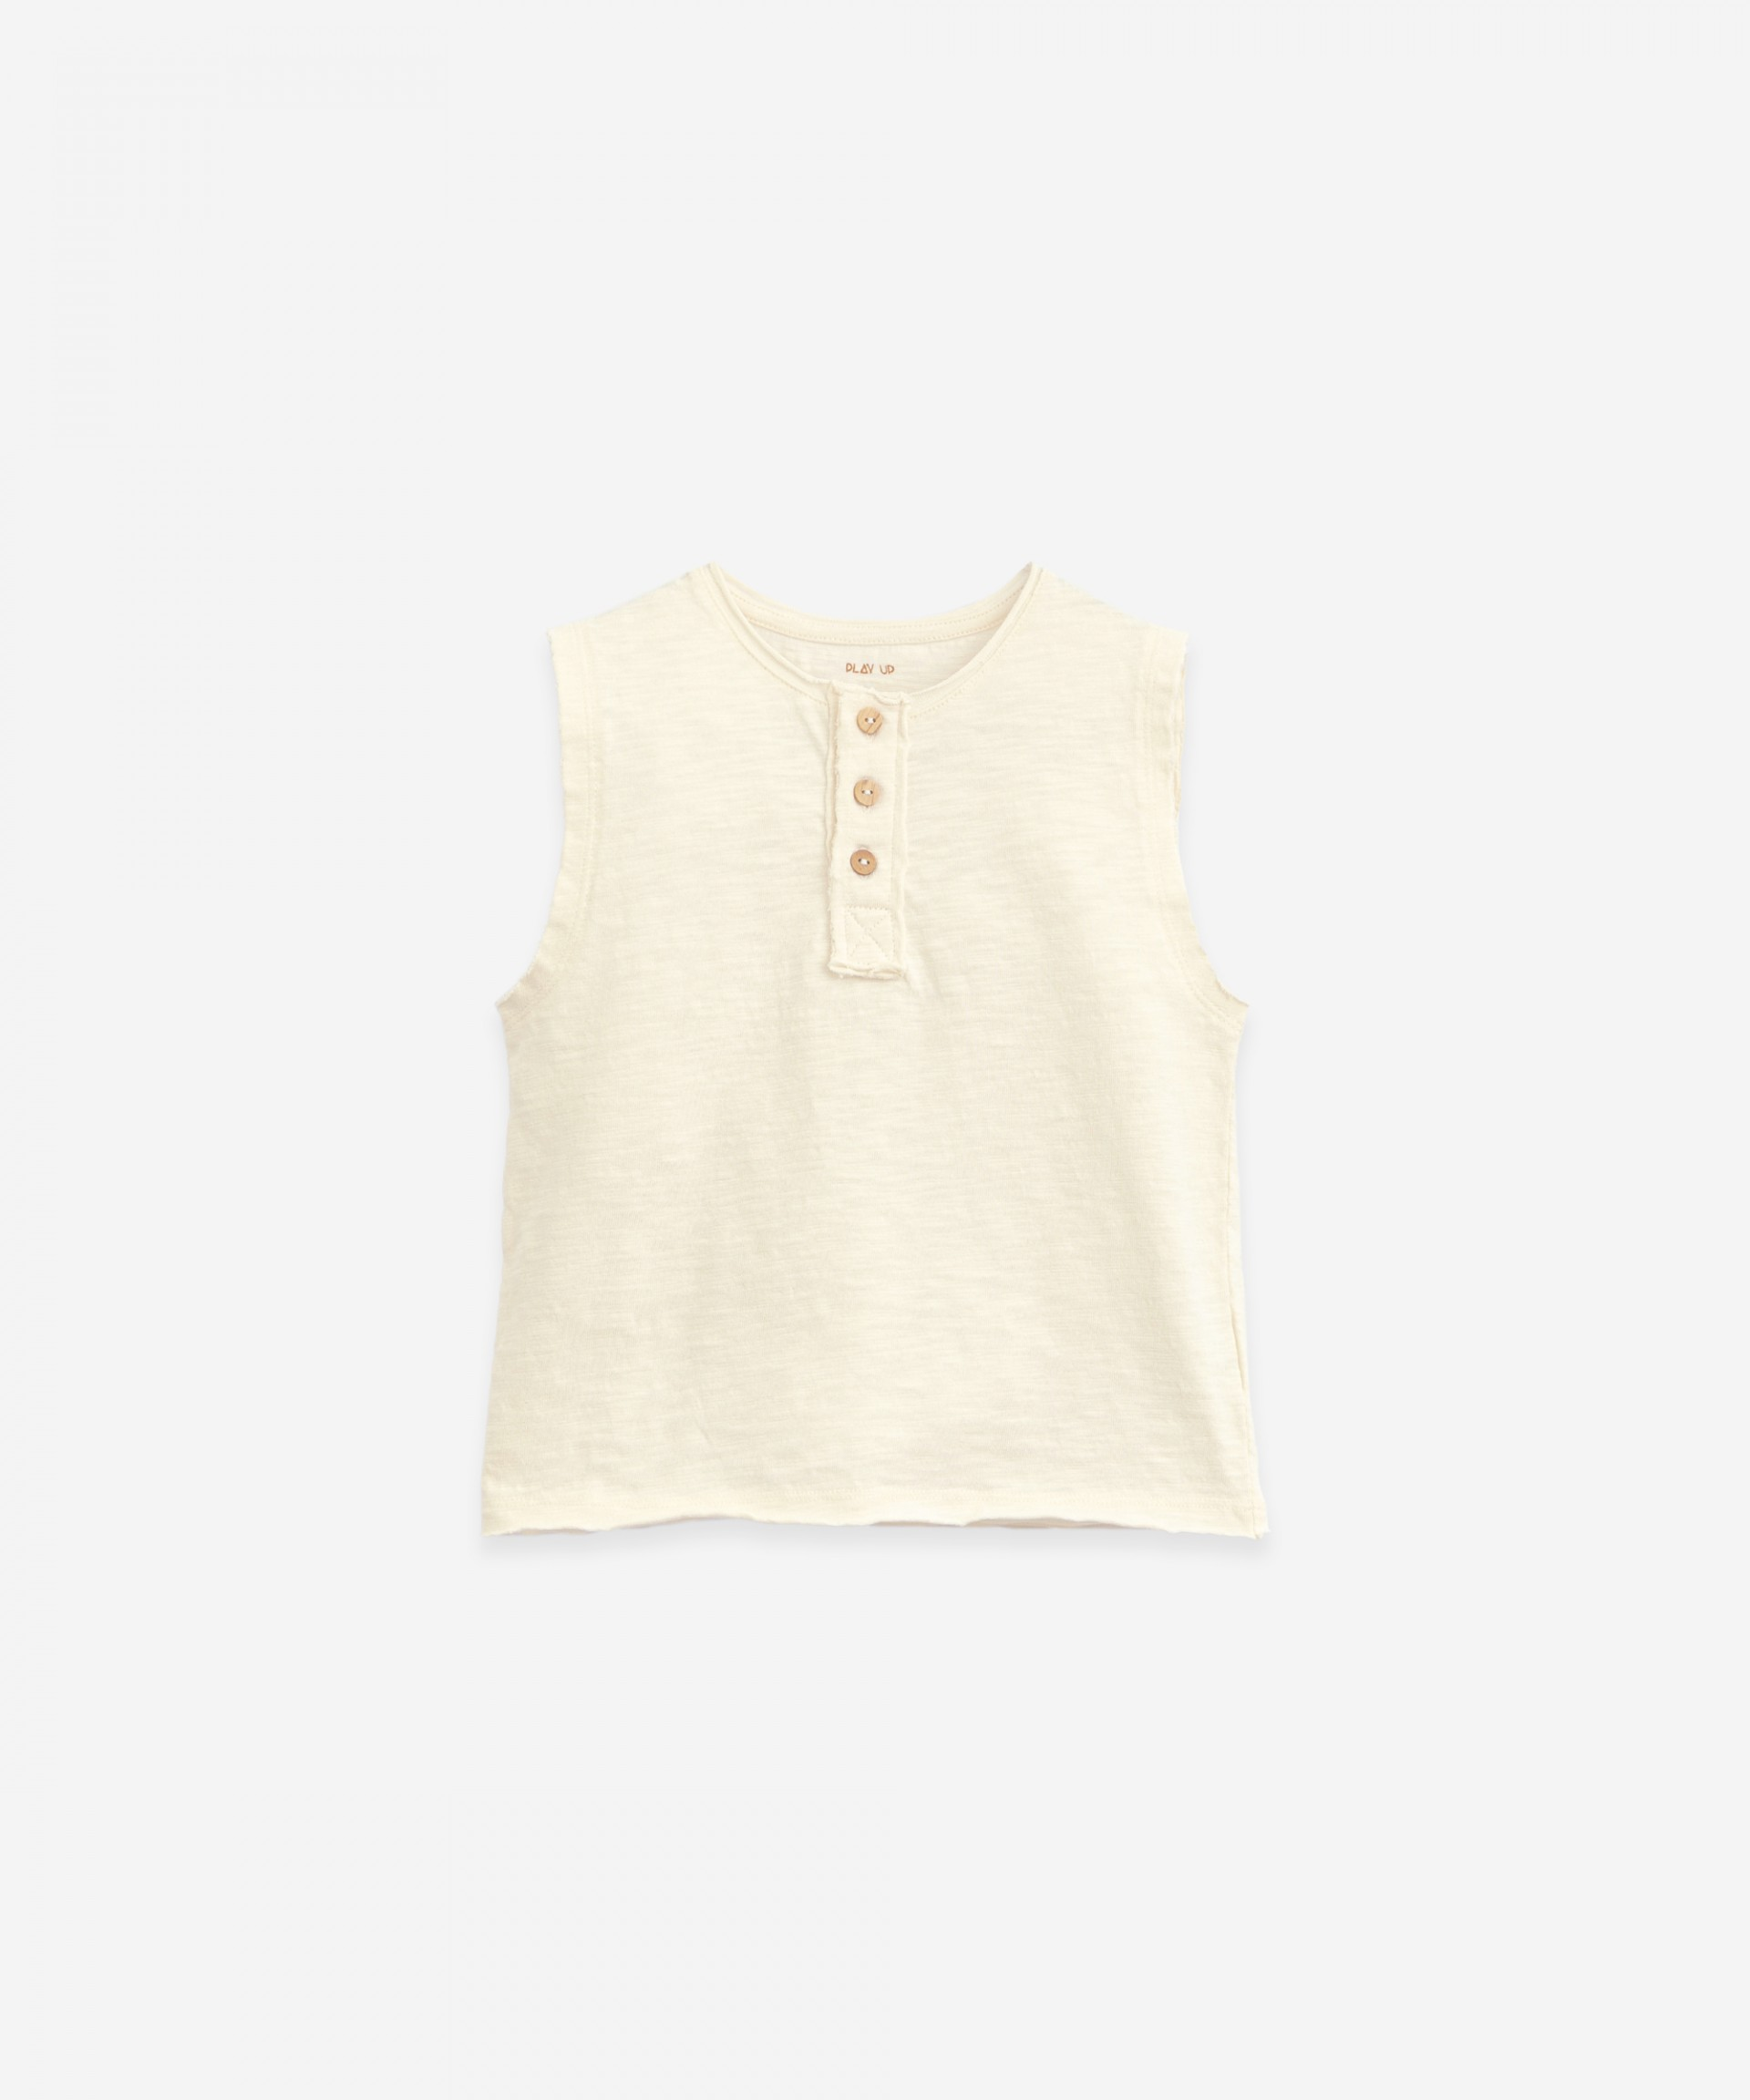 Camiseta sin mangas | Botany